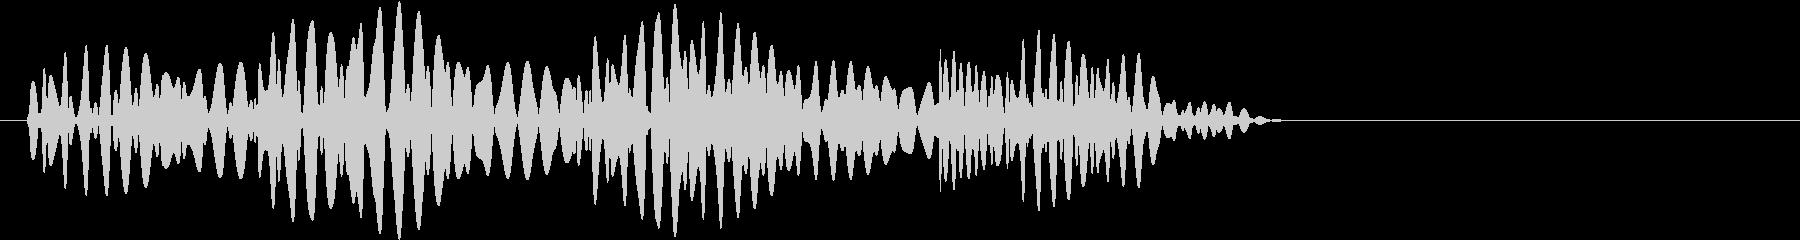 ドゥルルル(スワイプ、移動、スライド)の未再生の波形